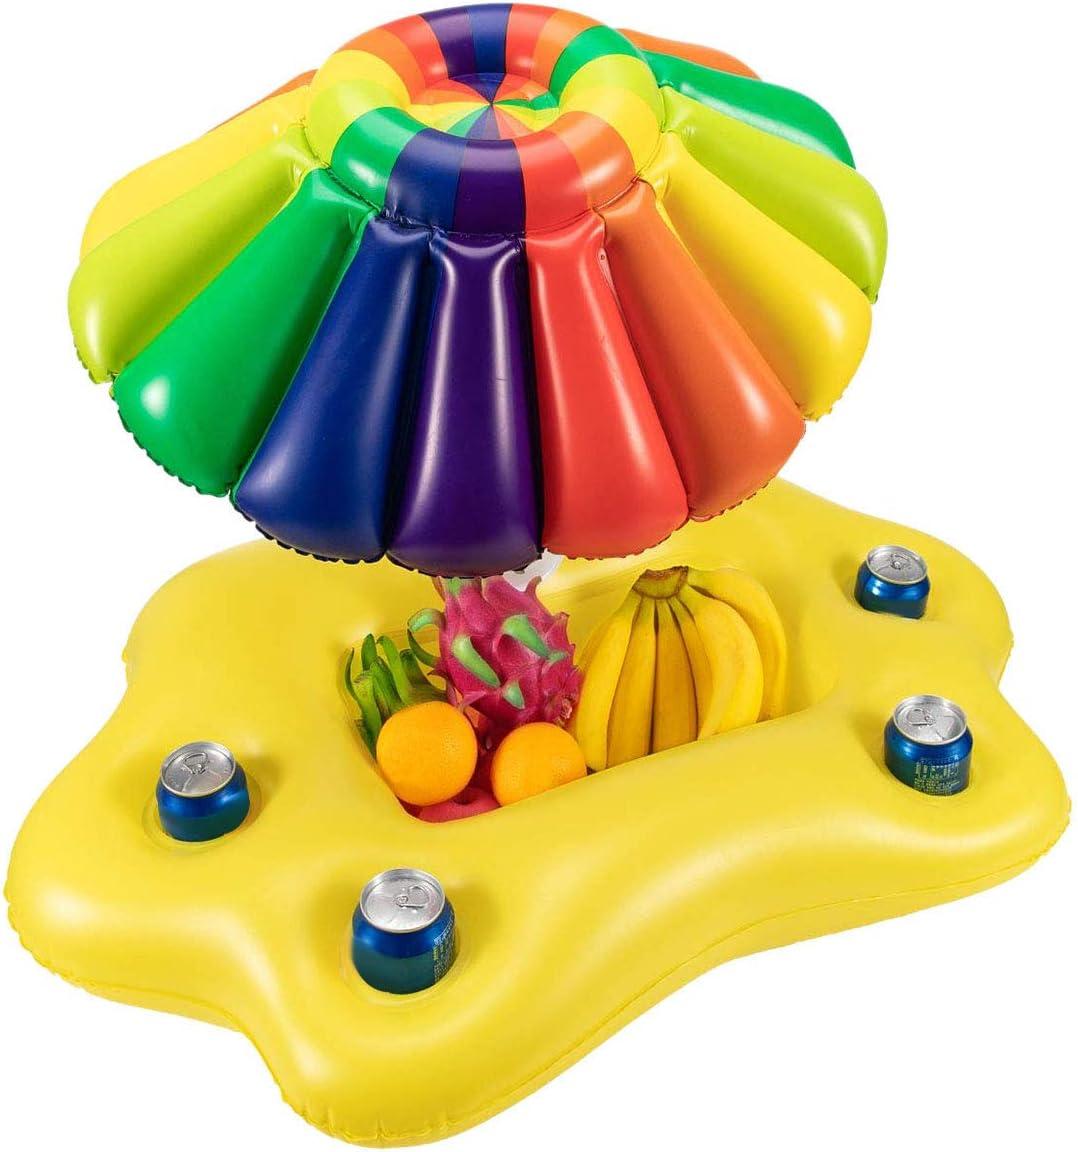 ACAMPTAR Summer Piscina Inflable Soporte para Vasos Fiesta Barra De Hielo Piscina Flotador Cerveza Enfriador De Bebidas PVC Bandeja Flotante Accesorios para Piscina De Playa - Vistoso